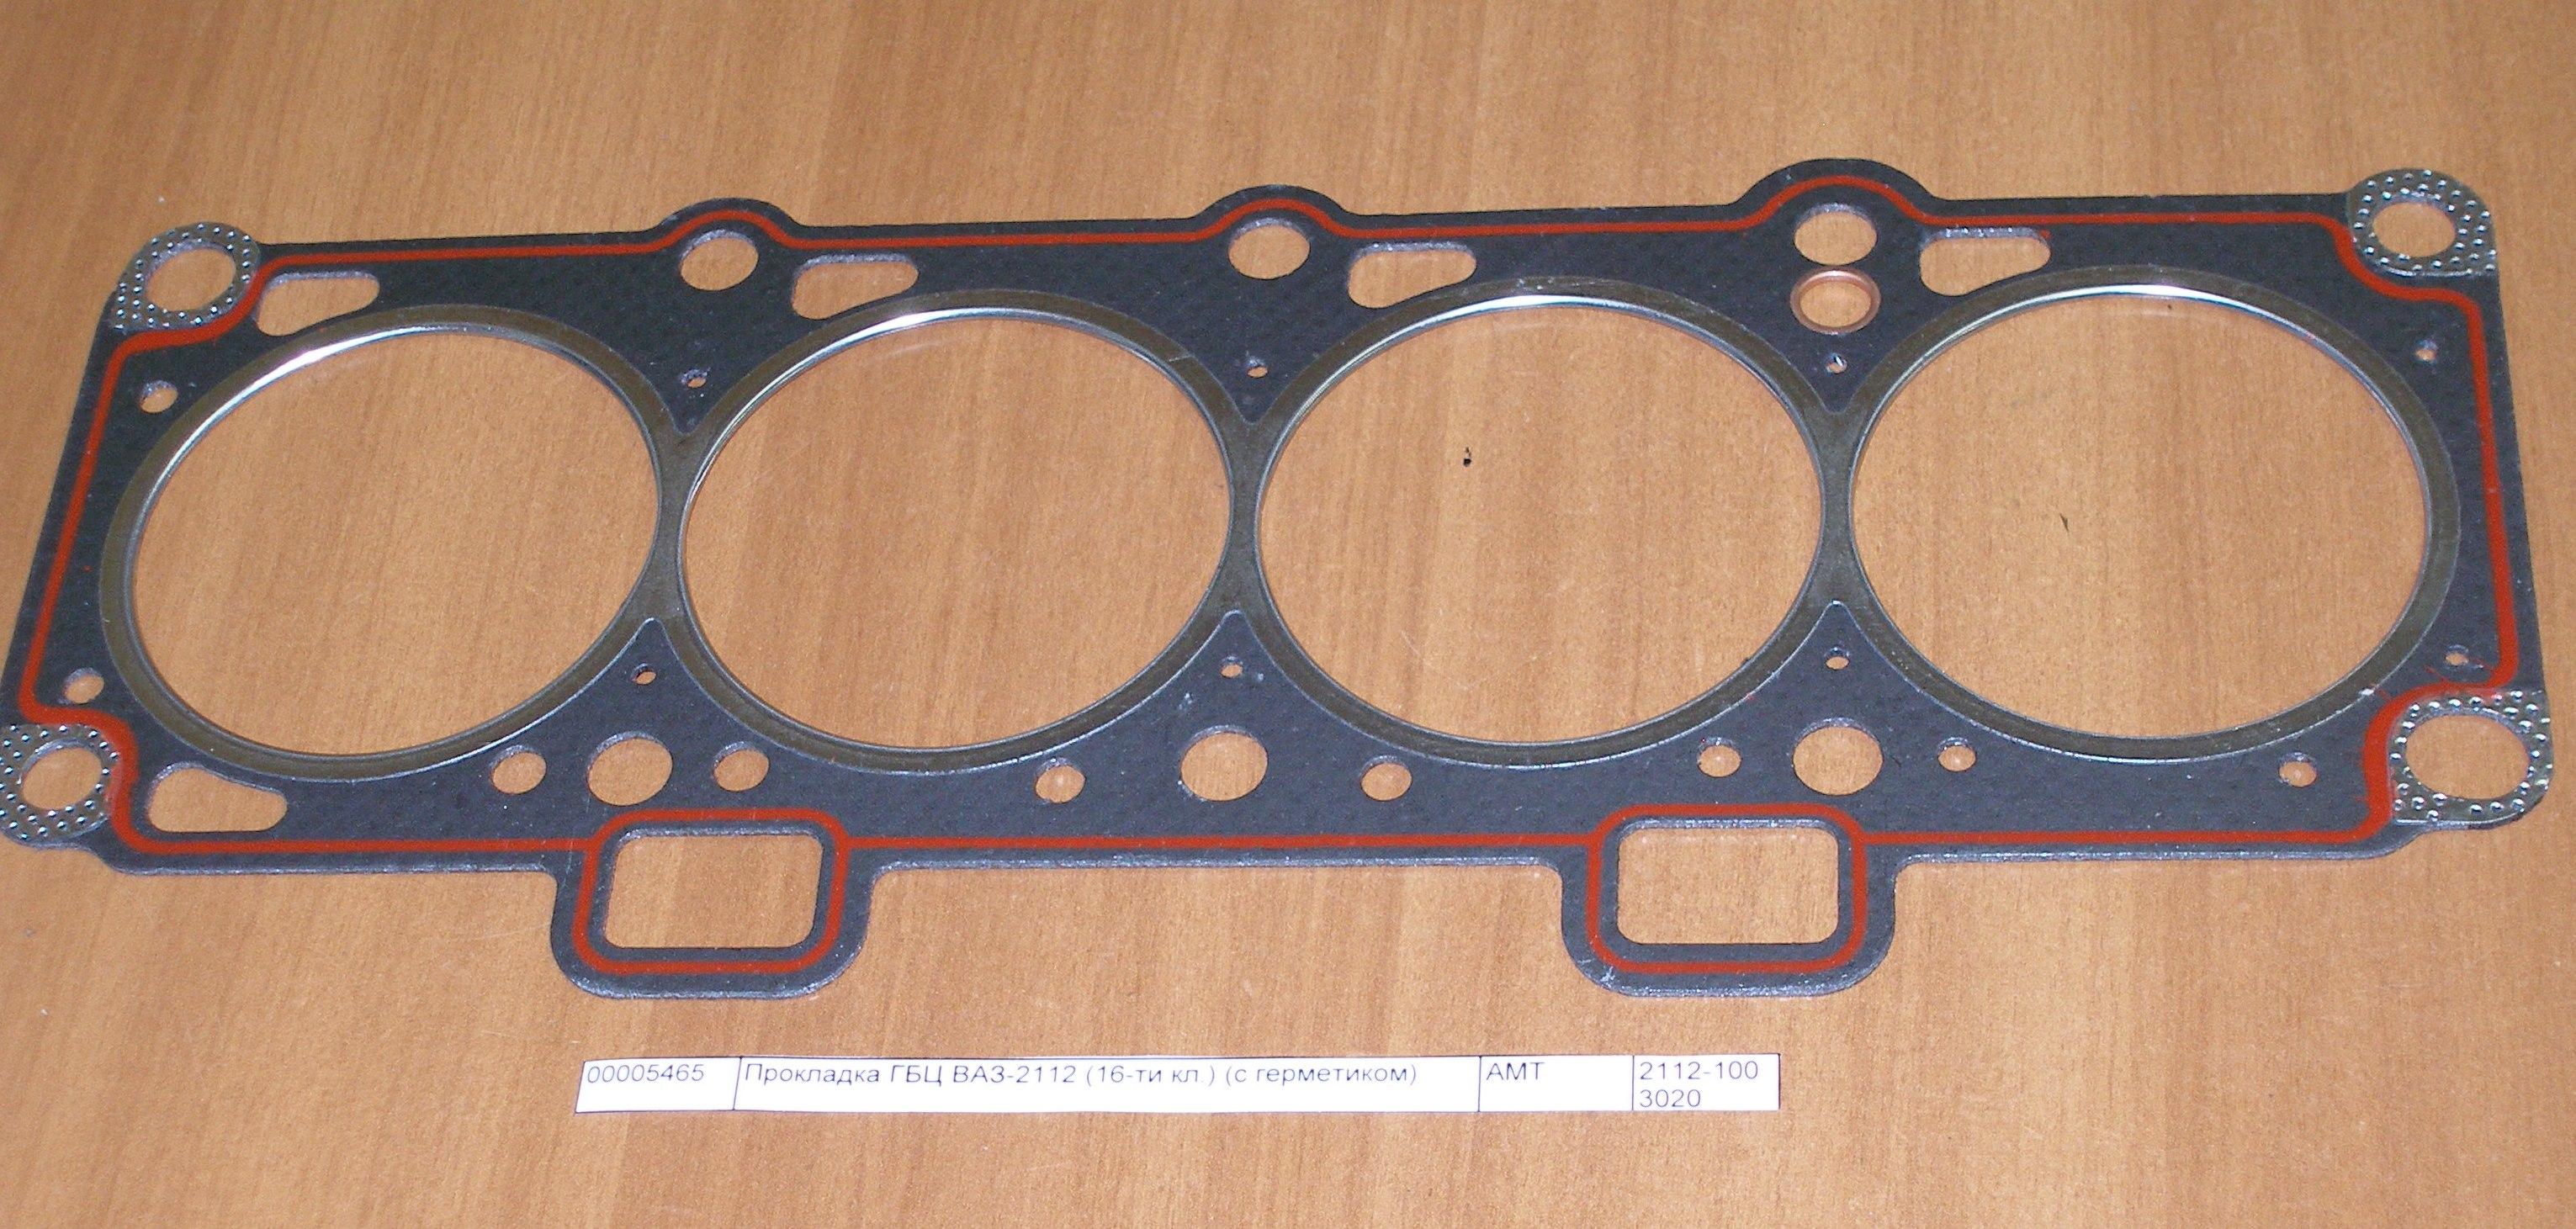 Фото №3 - замена прокладки головки блока цилиндров ВАЗ 2110